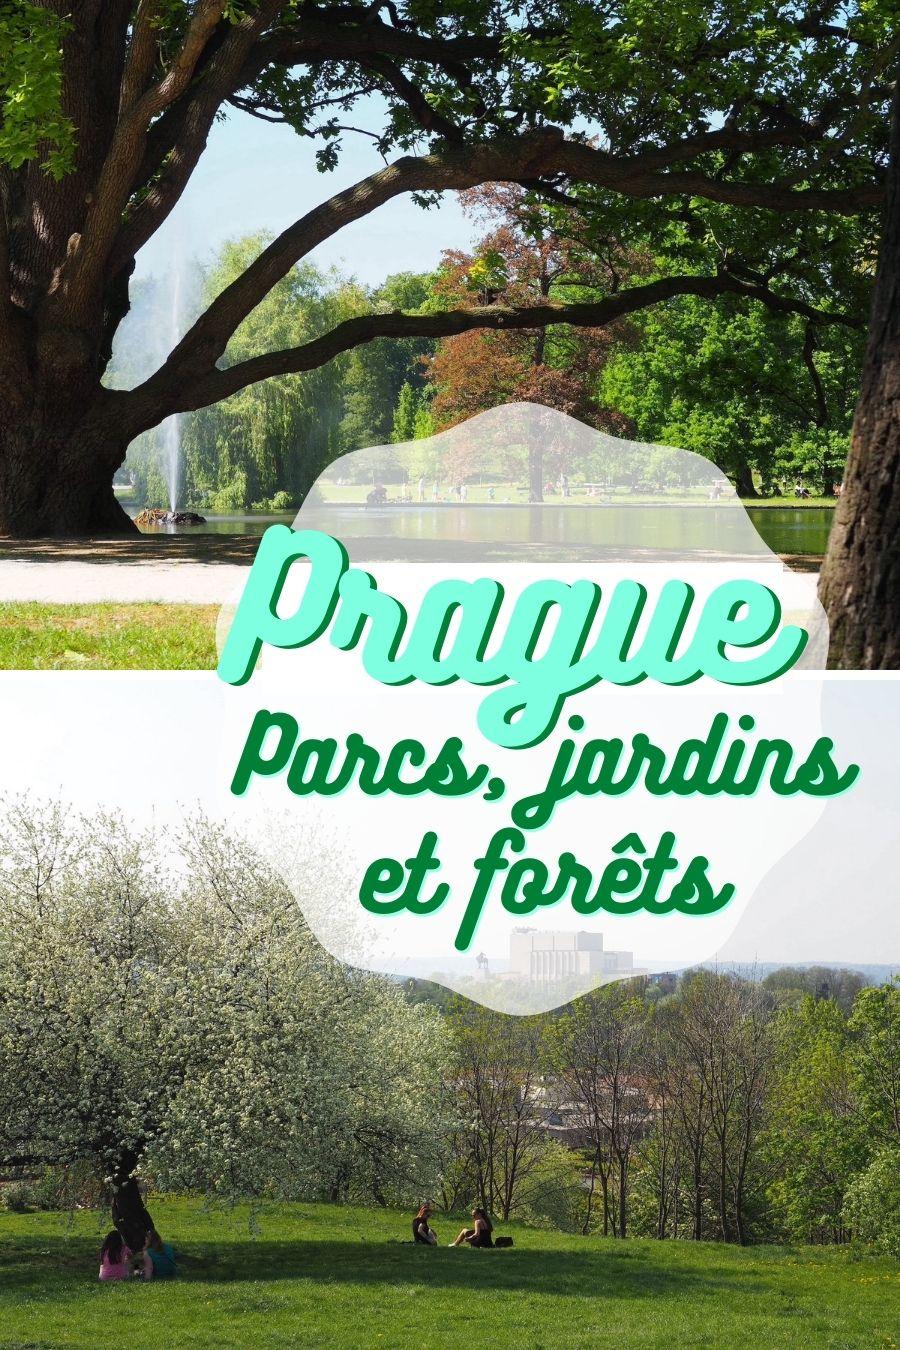 Liste des plus beaux parcs, jardins et forêts de Prague: leur localisation, pourquoi les visiter et informations pratiques.